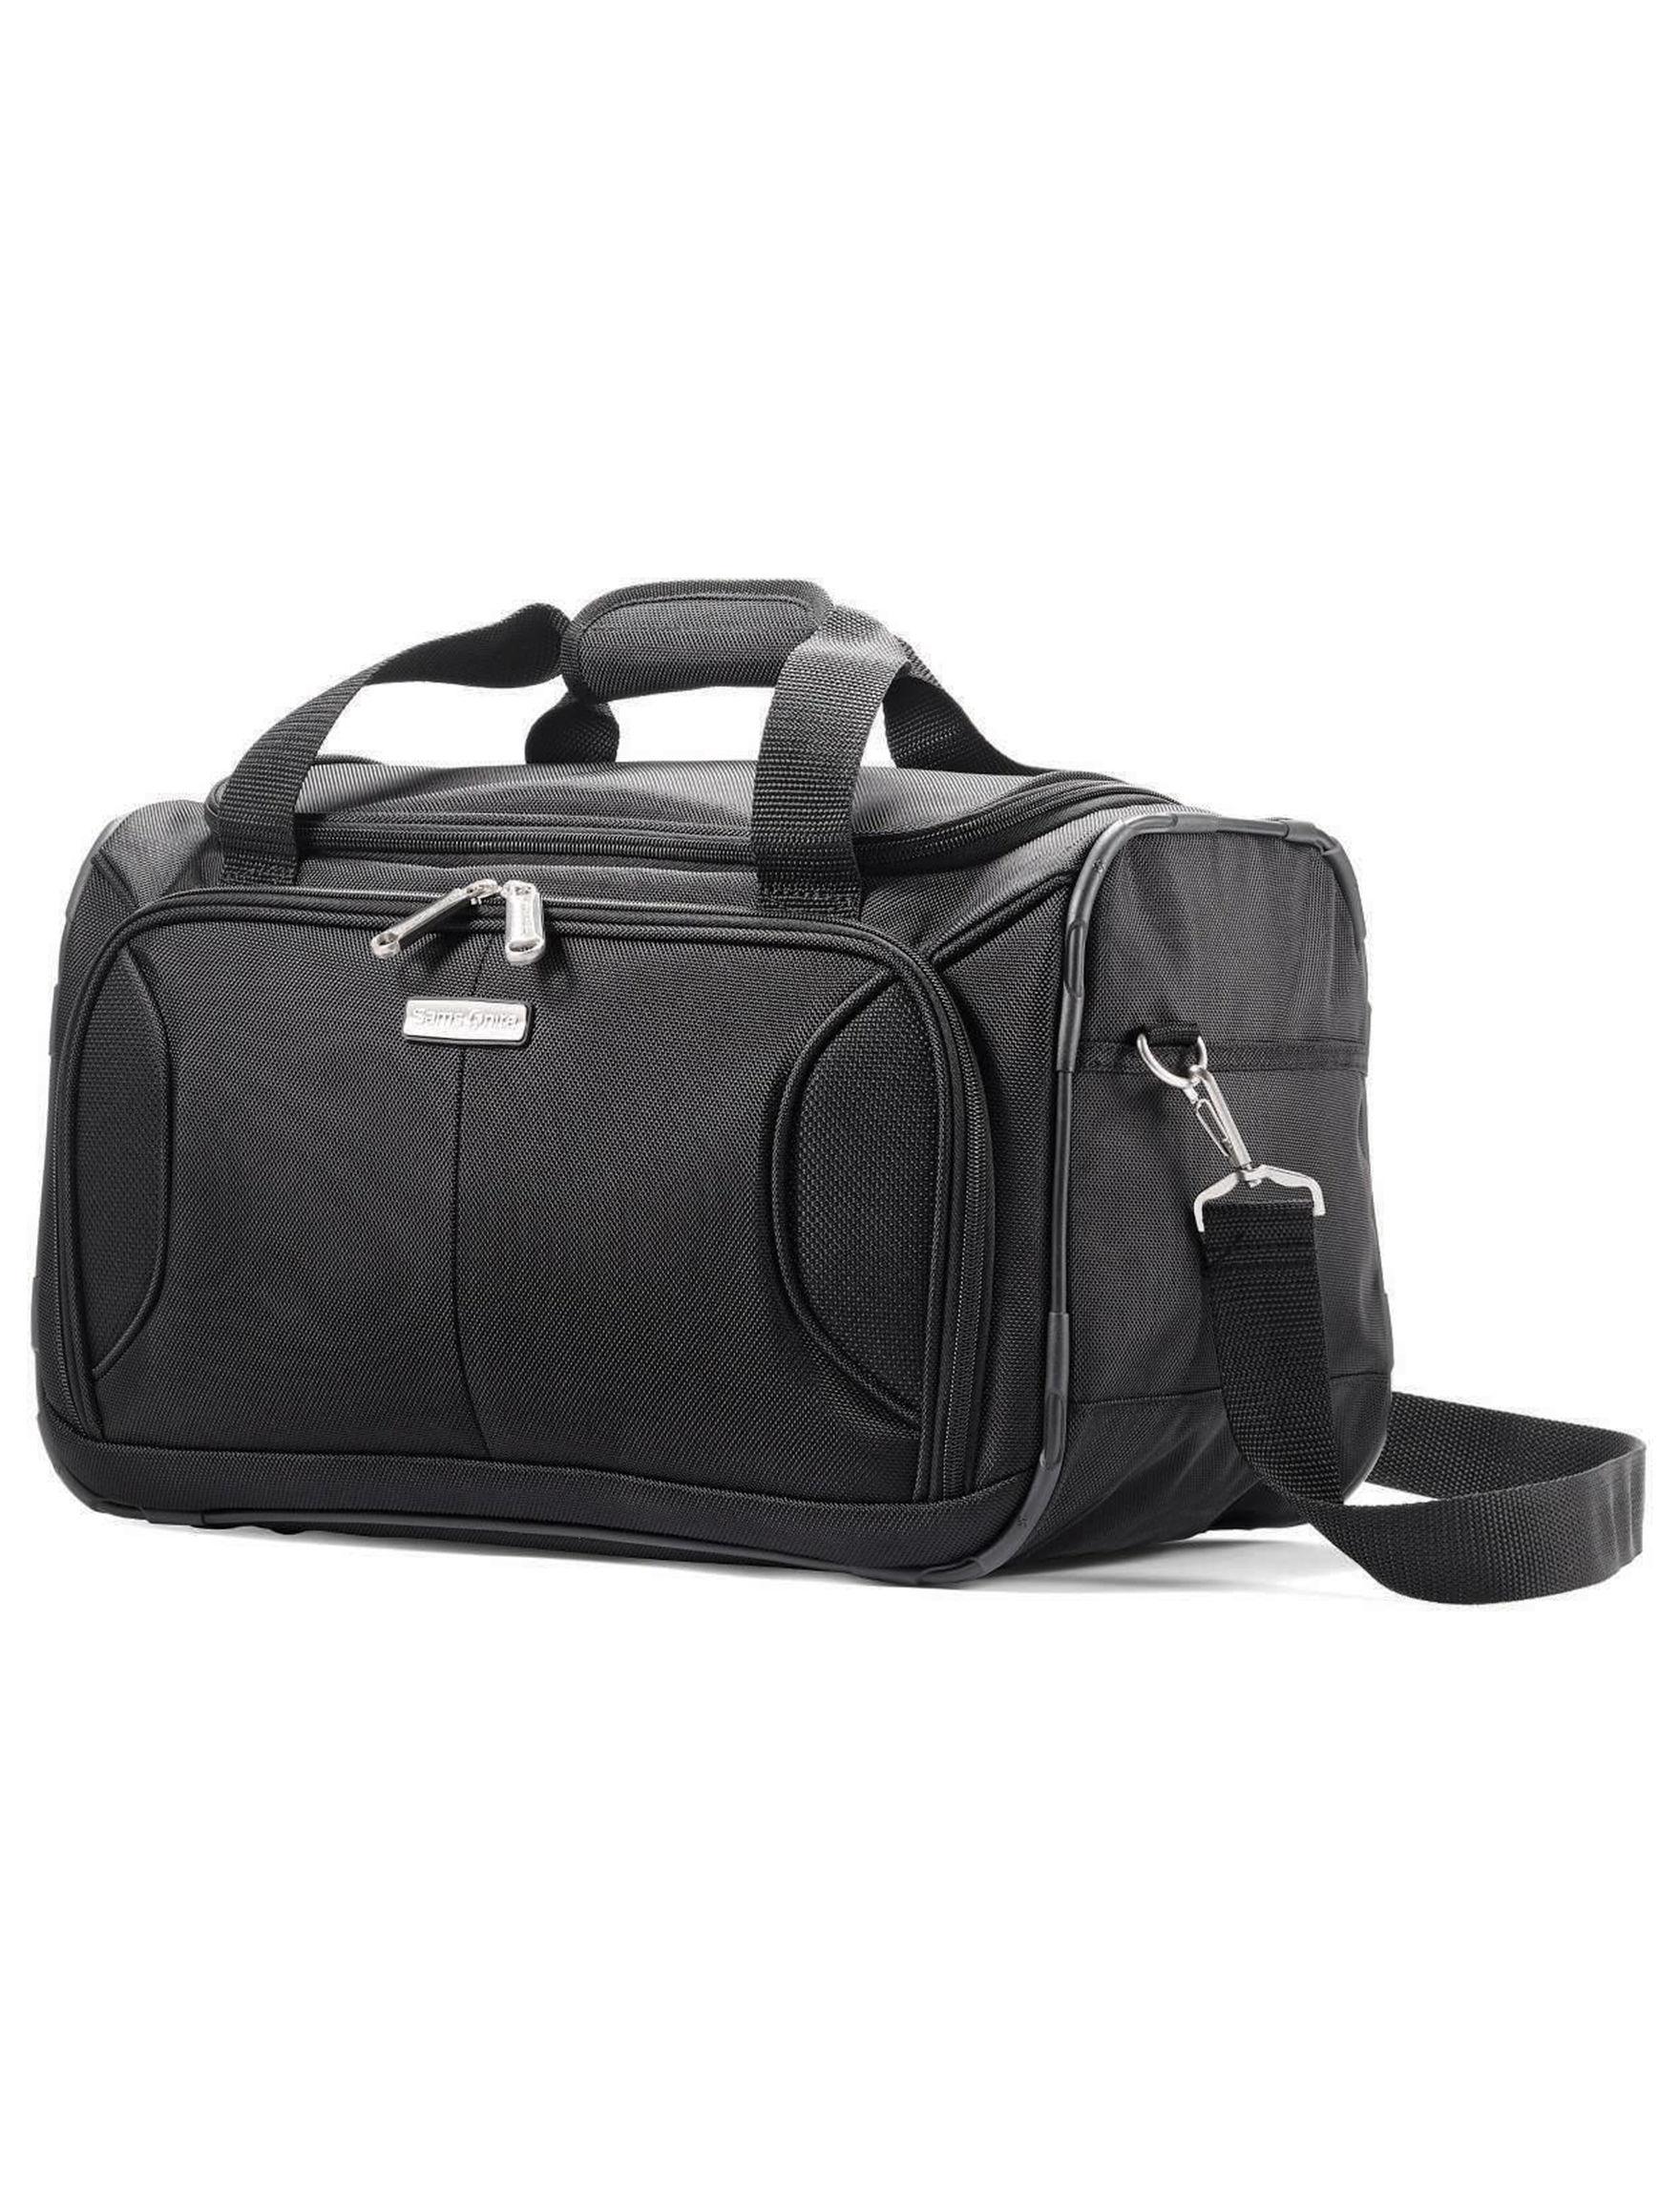 Samsonite Black Duffle Bags